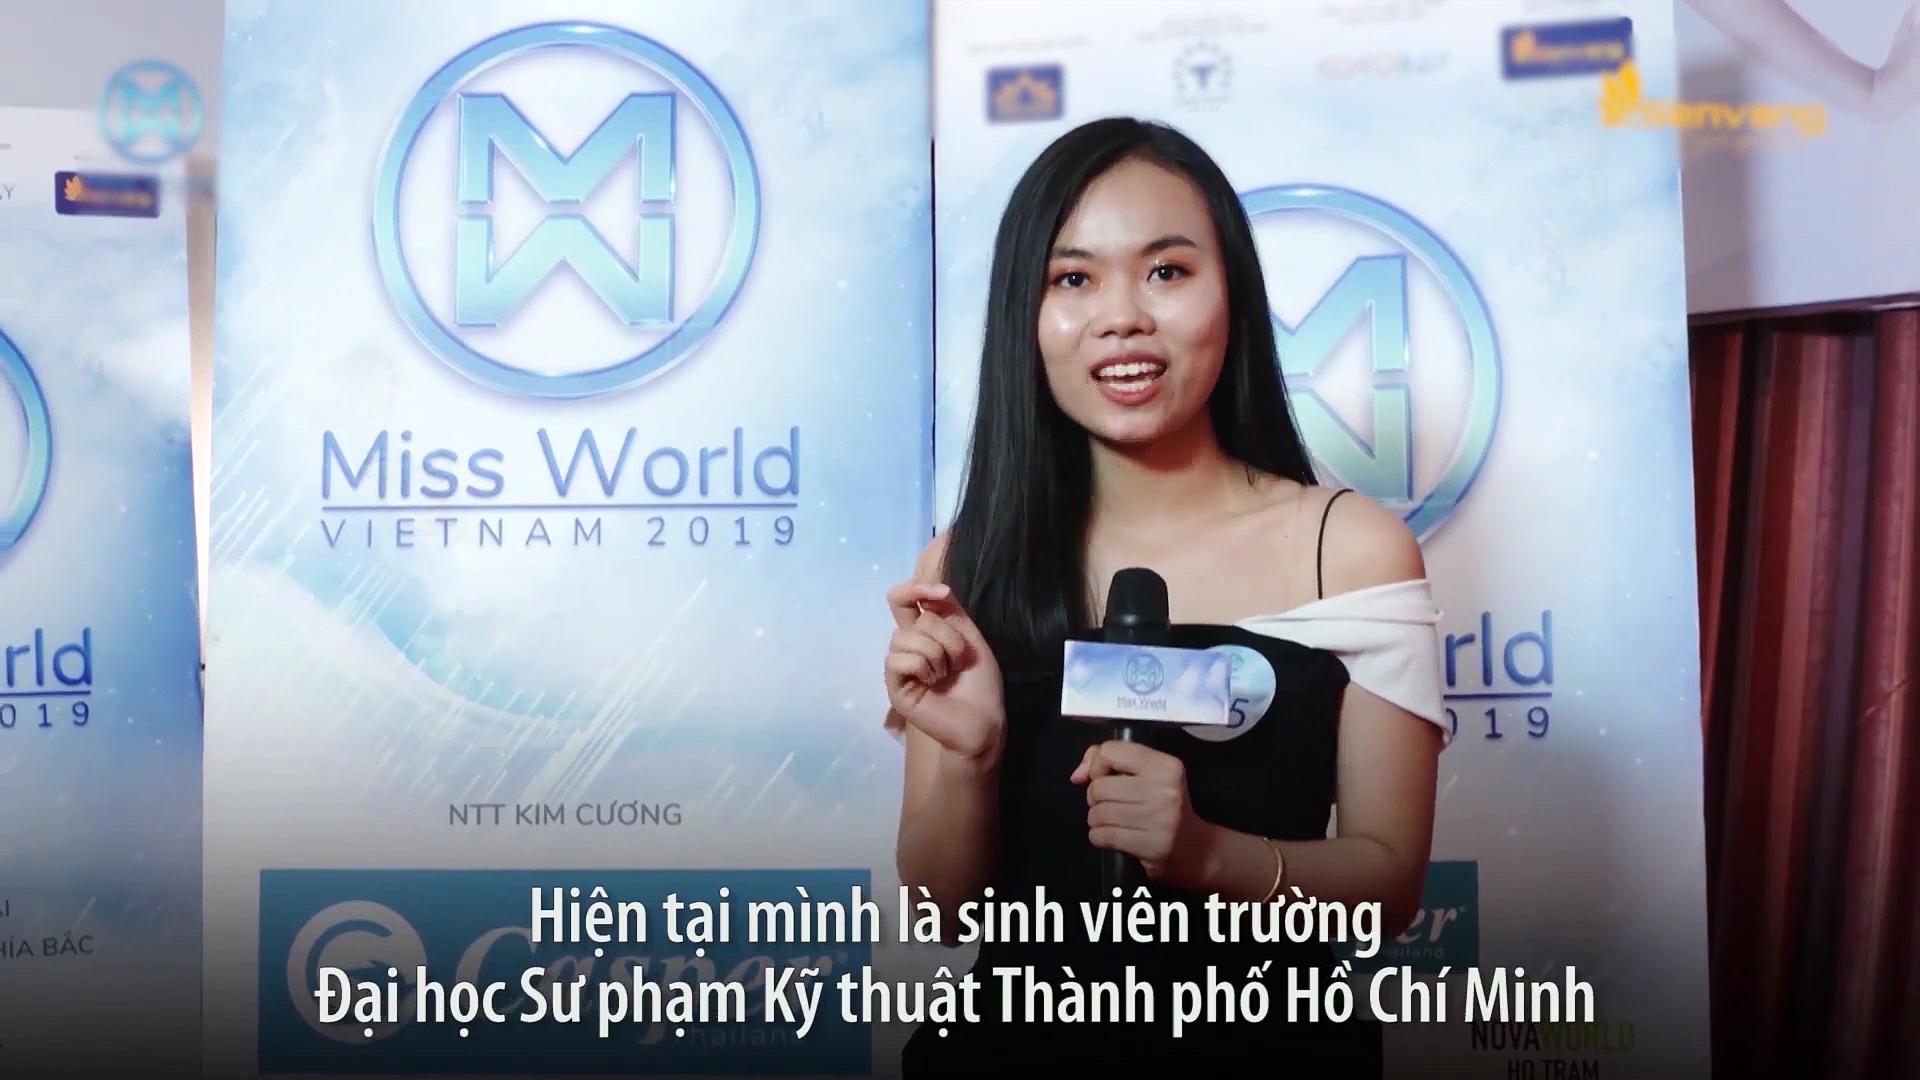 Khả năng ngoại ngữ siêu đẳng của các thí sinh Miss World Việt Nam 2019 - YAN TV